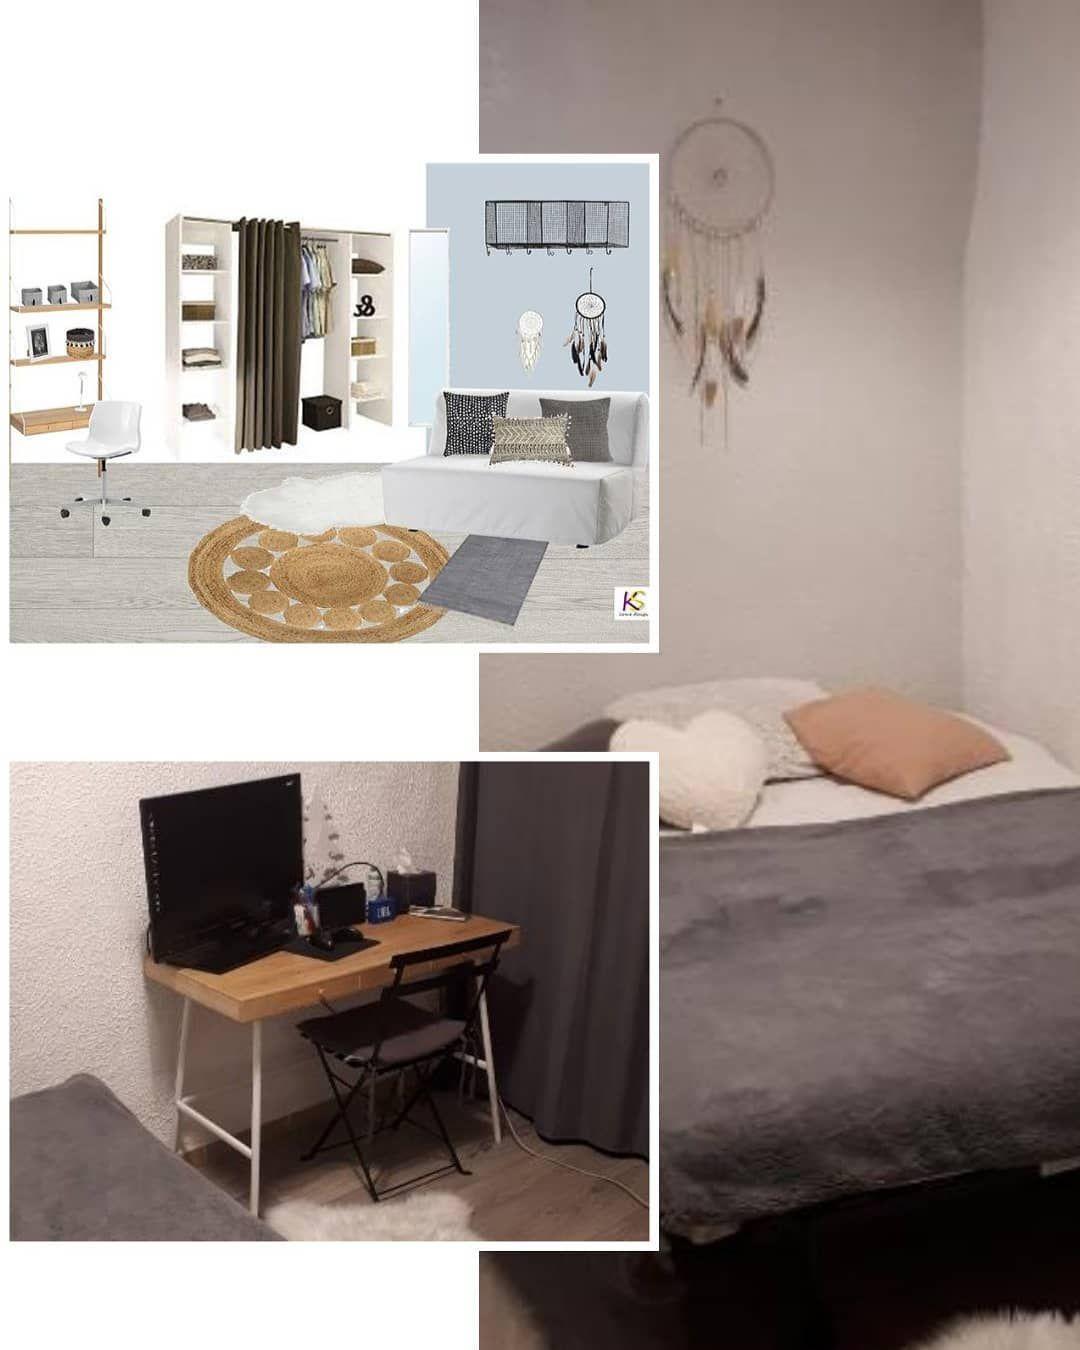 7 Mentions J Aime 0 Commentaires Ks Home Design Kshomedesign06 Sur Instagram Merci A Notre Cliente De La Ciotat De Nous Avoi In 2020 Home Decor Furniture Home